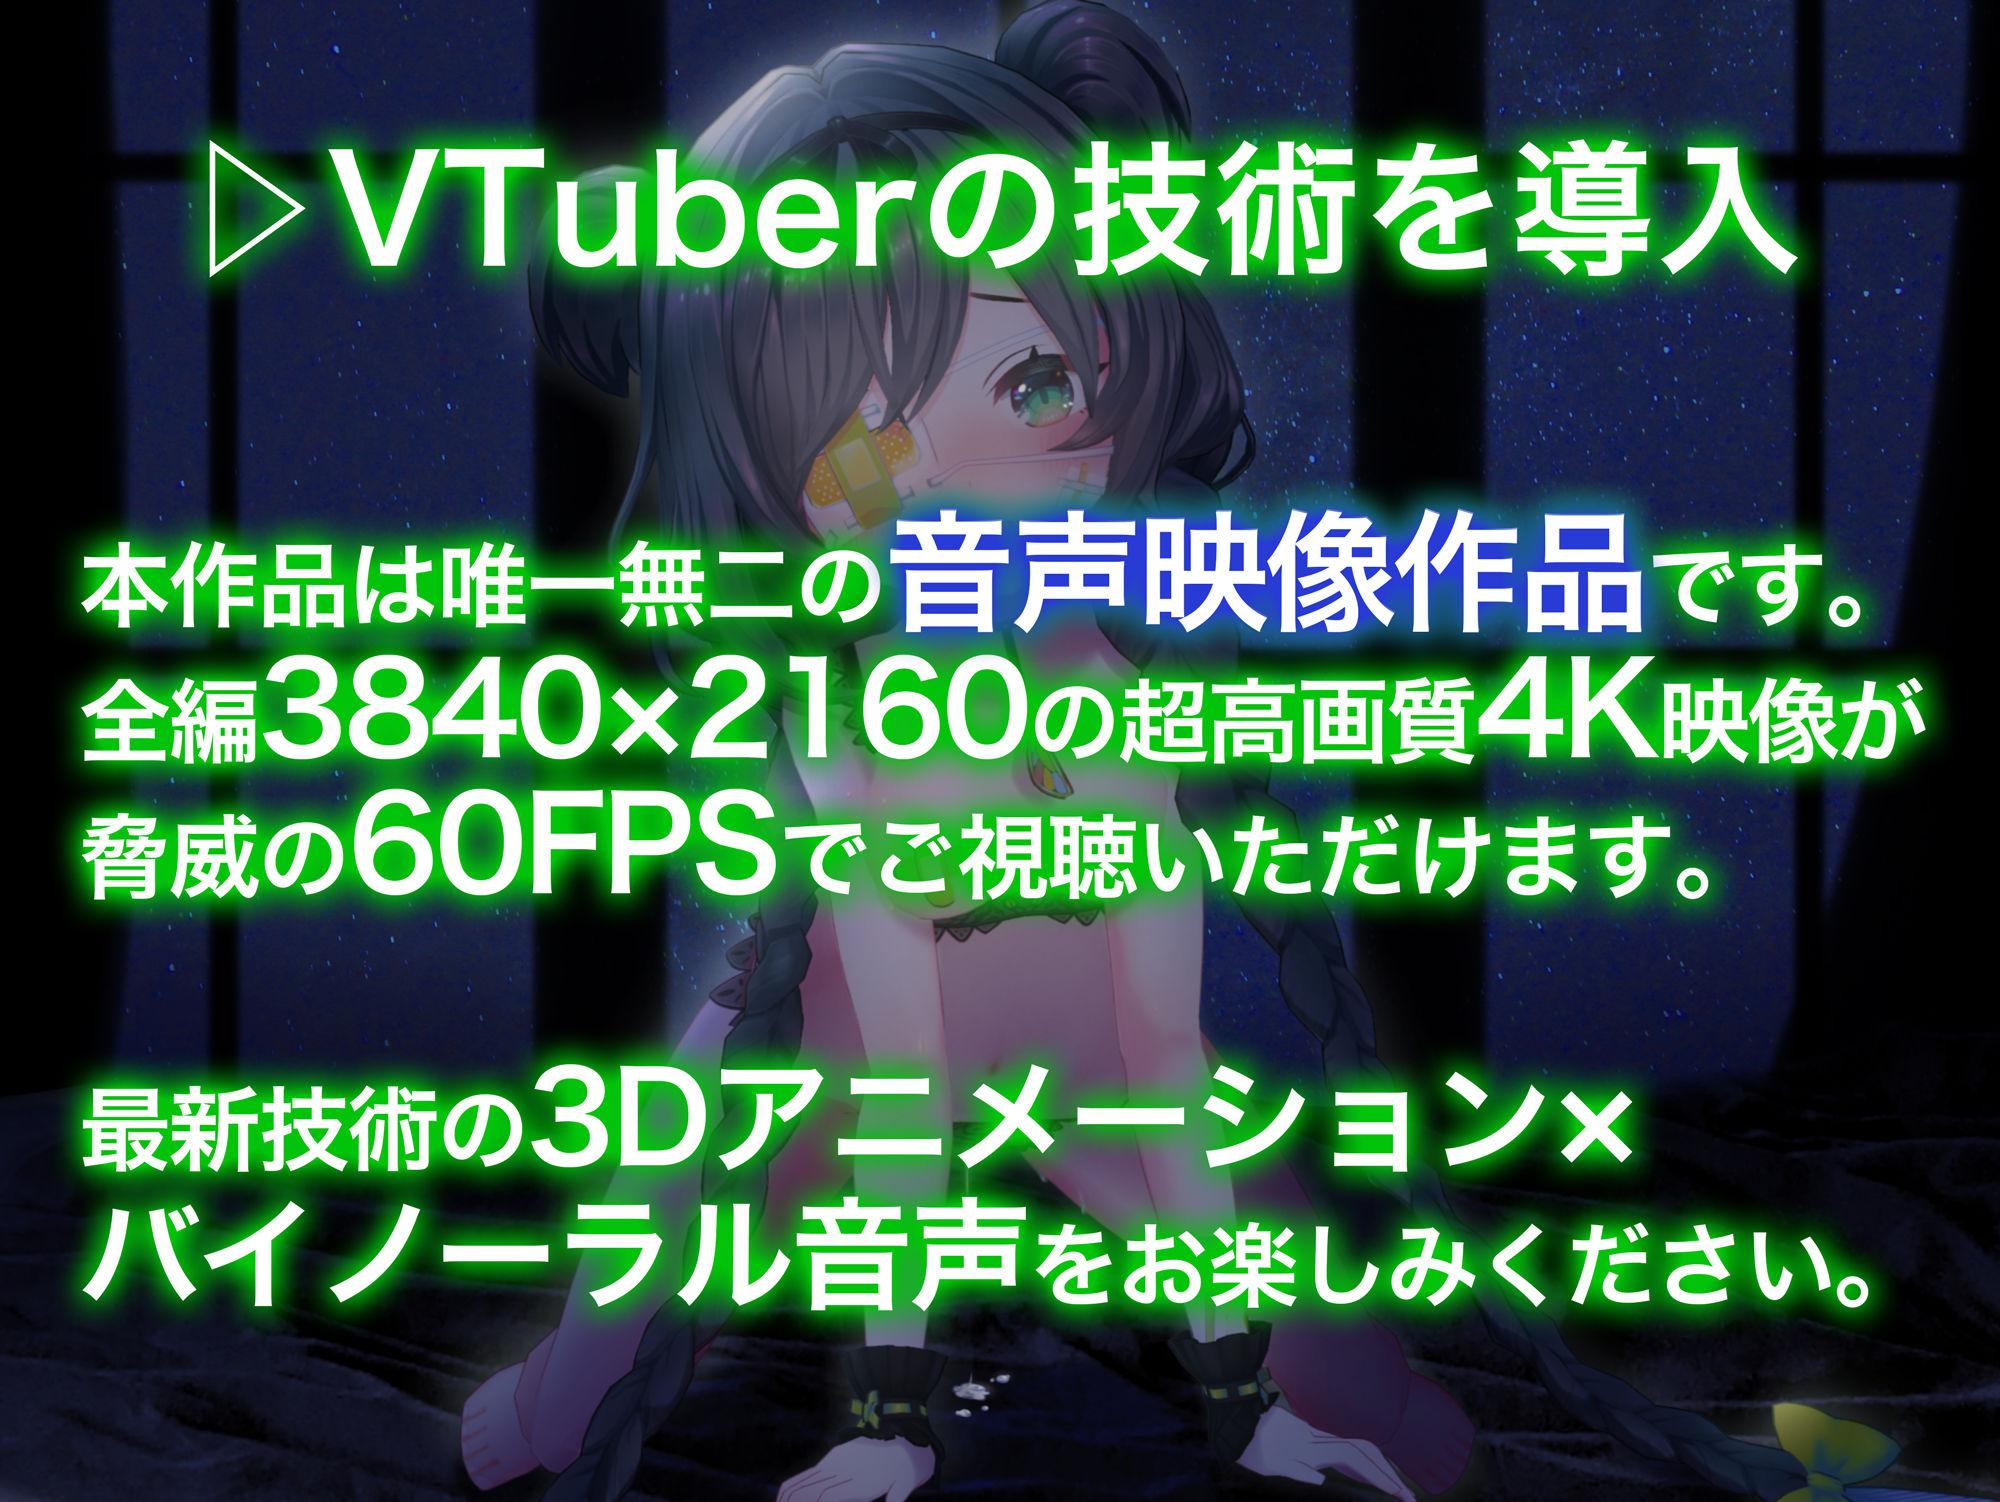 【3D映像×バイノーラル】魔法少女ユイシリーズ総集編【フォーリーASMR】